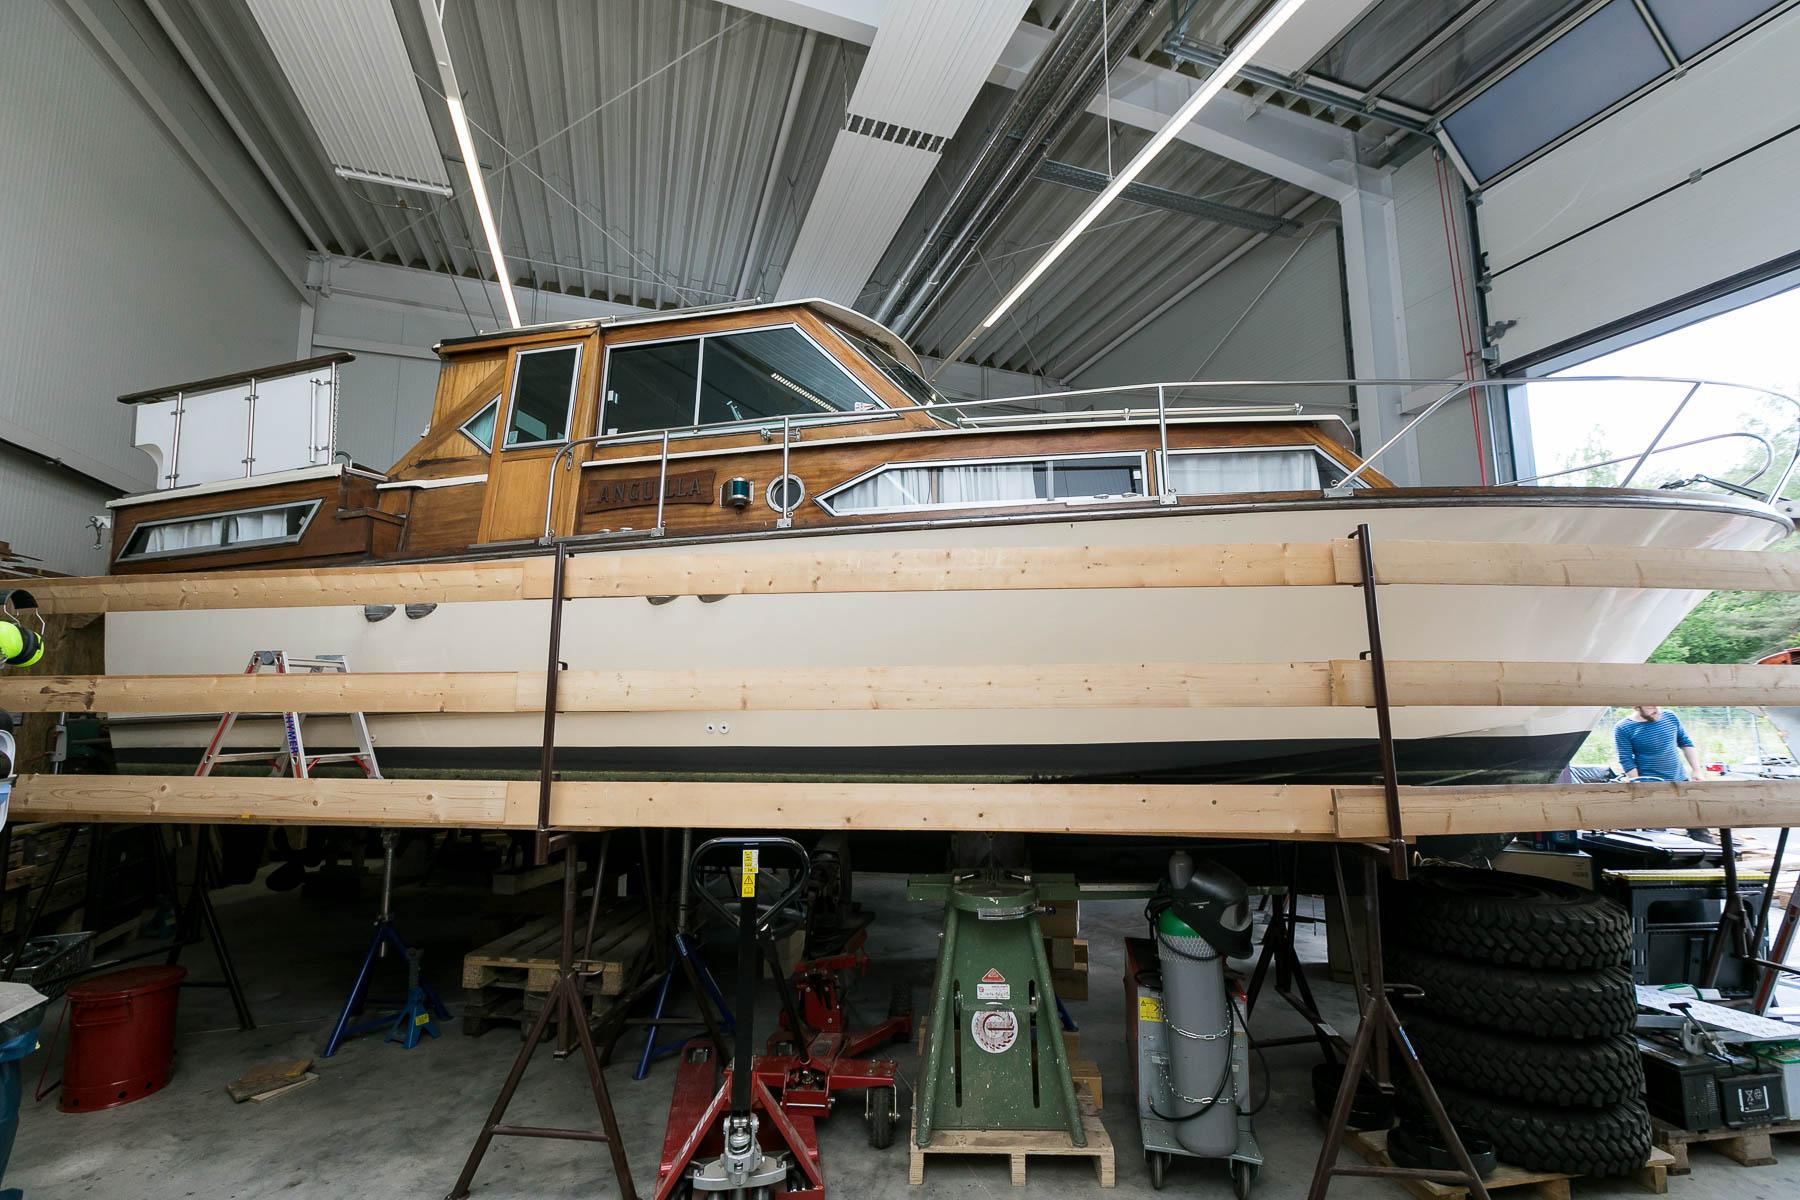 Teakdeck-Sanierung-Saisonbetreuung-Motoryacht-Anguilla-Norman-Bootsbau-Potsdam